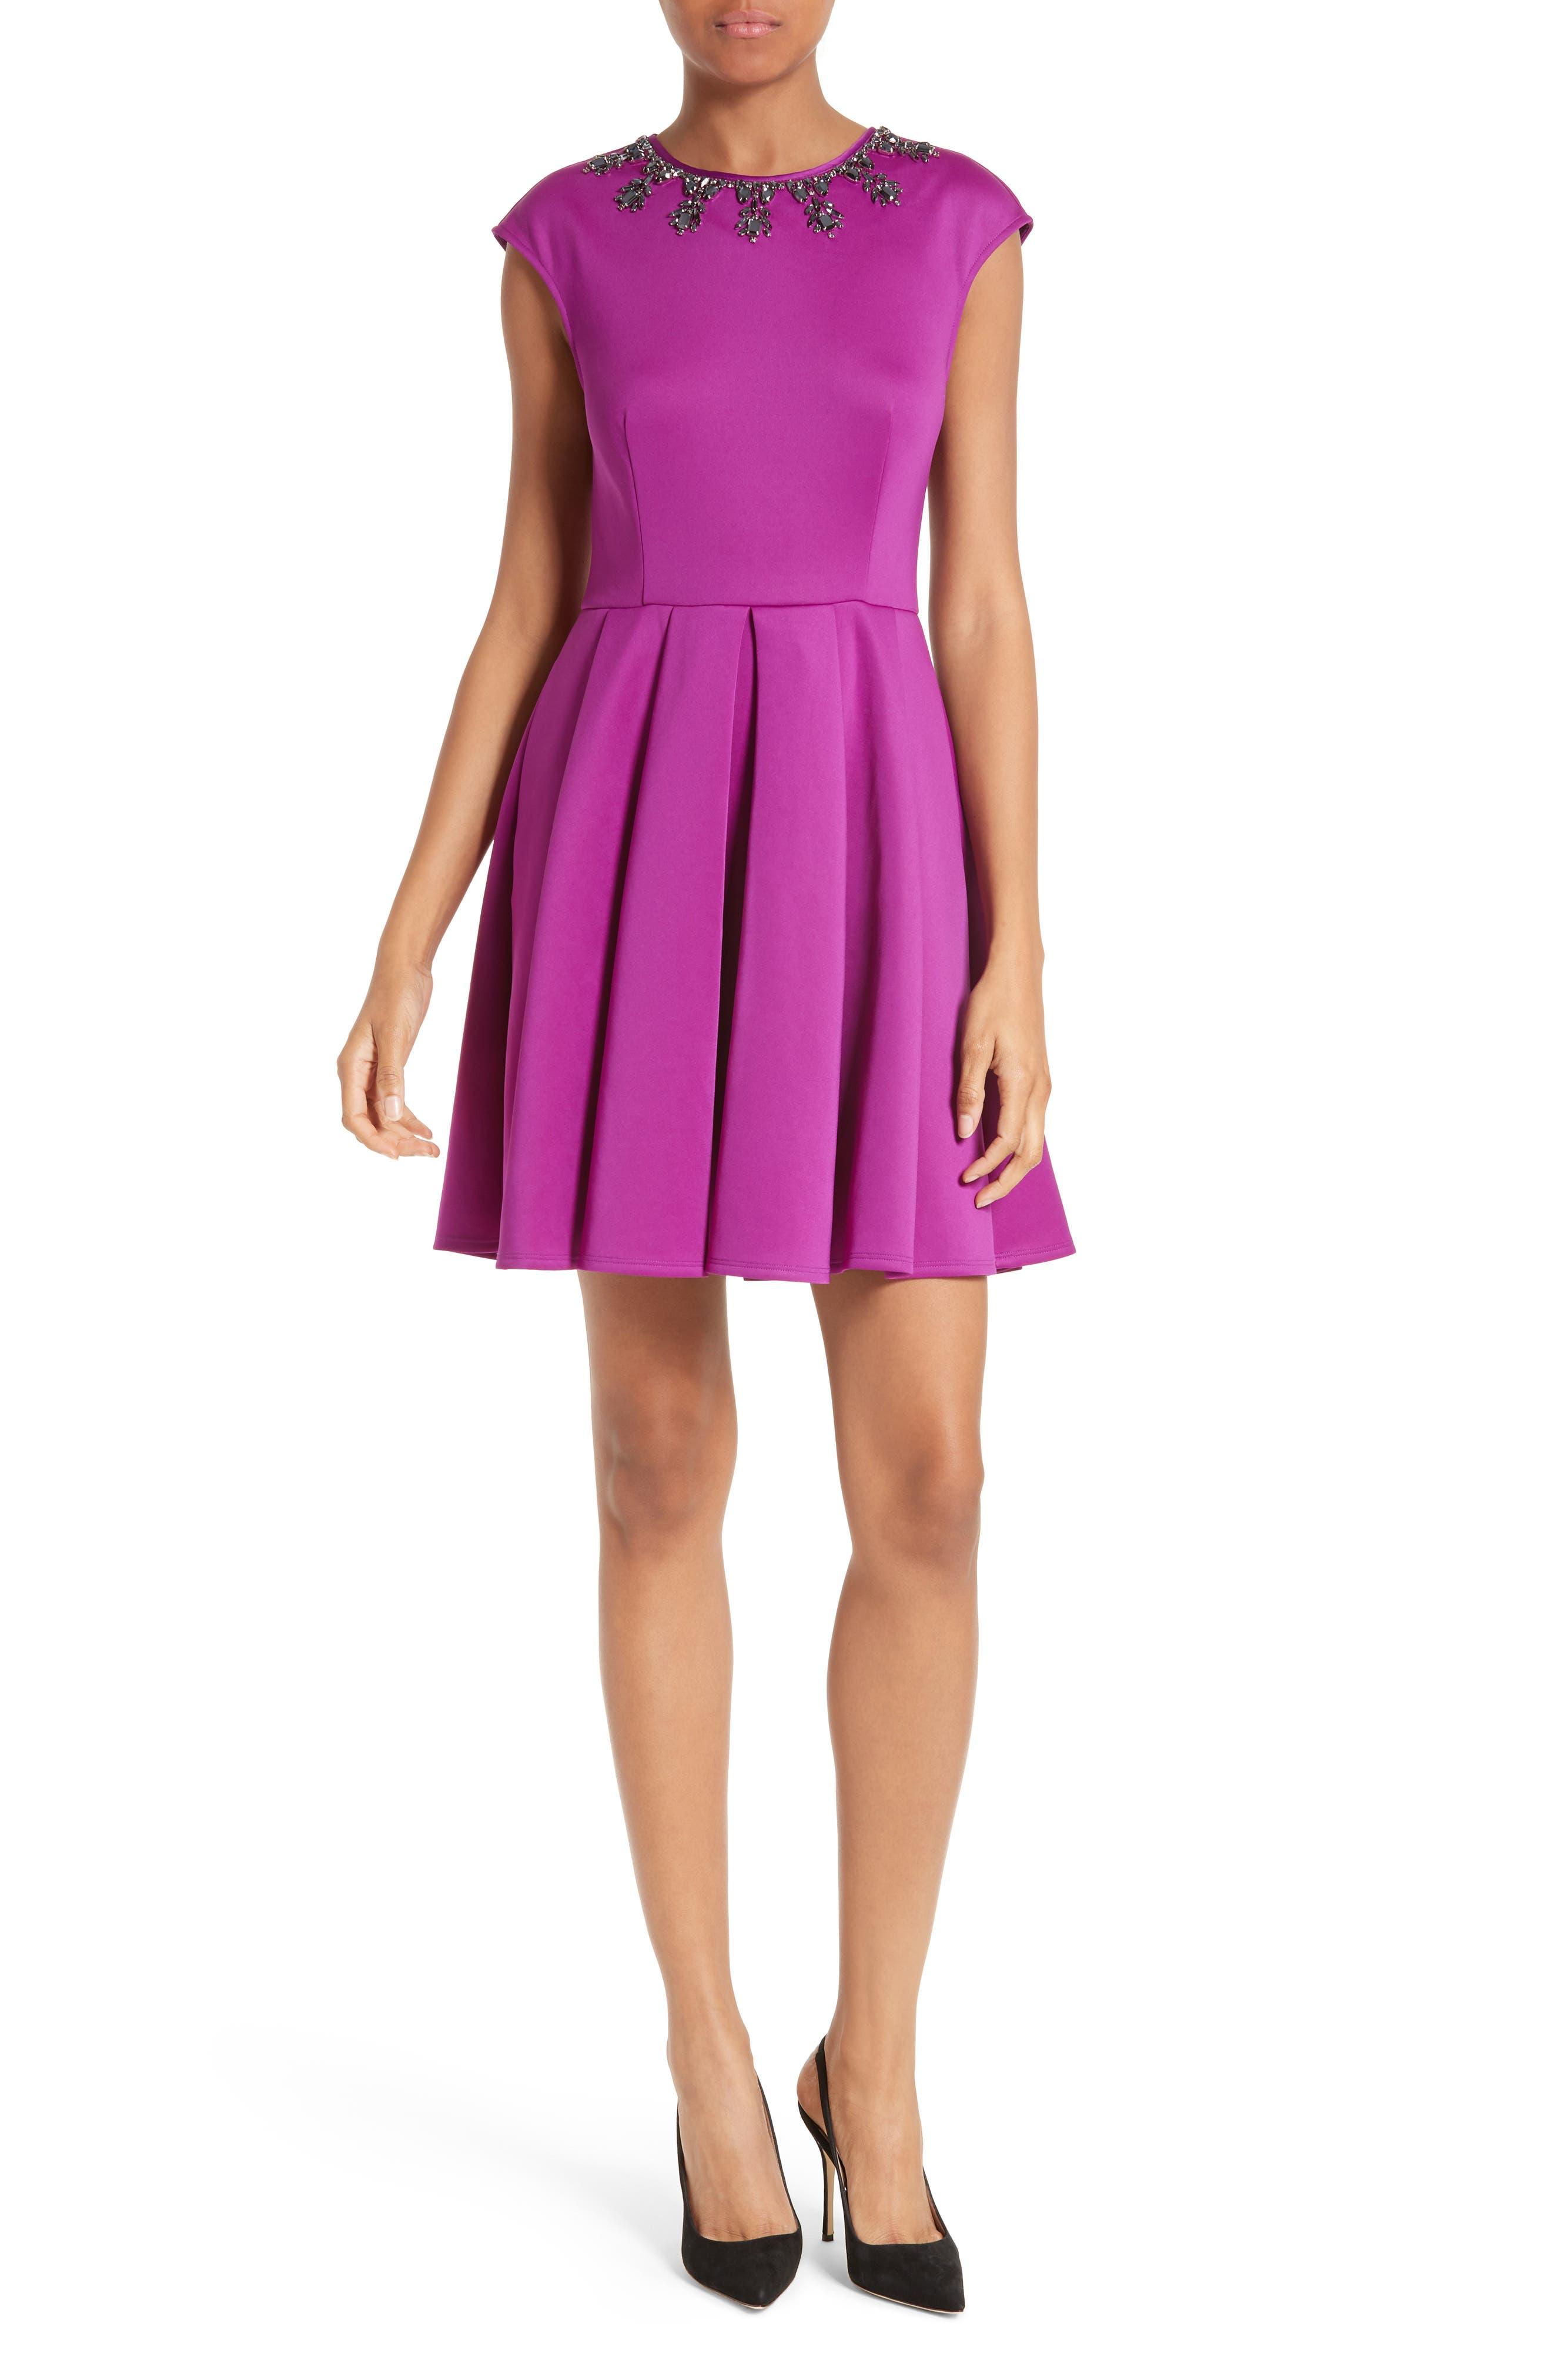 Alternate Image 1 Selected - Ted Baker London J'adore Embellished Fit & Flare Dress